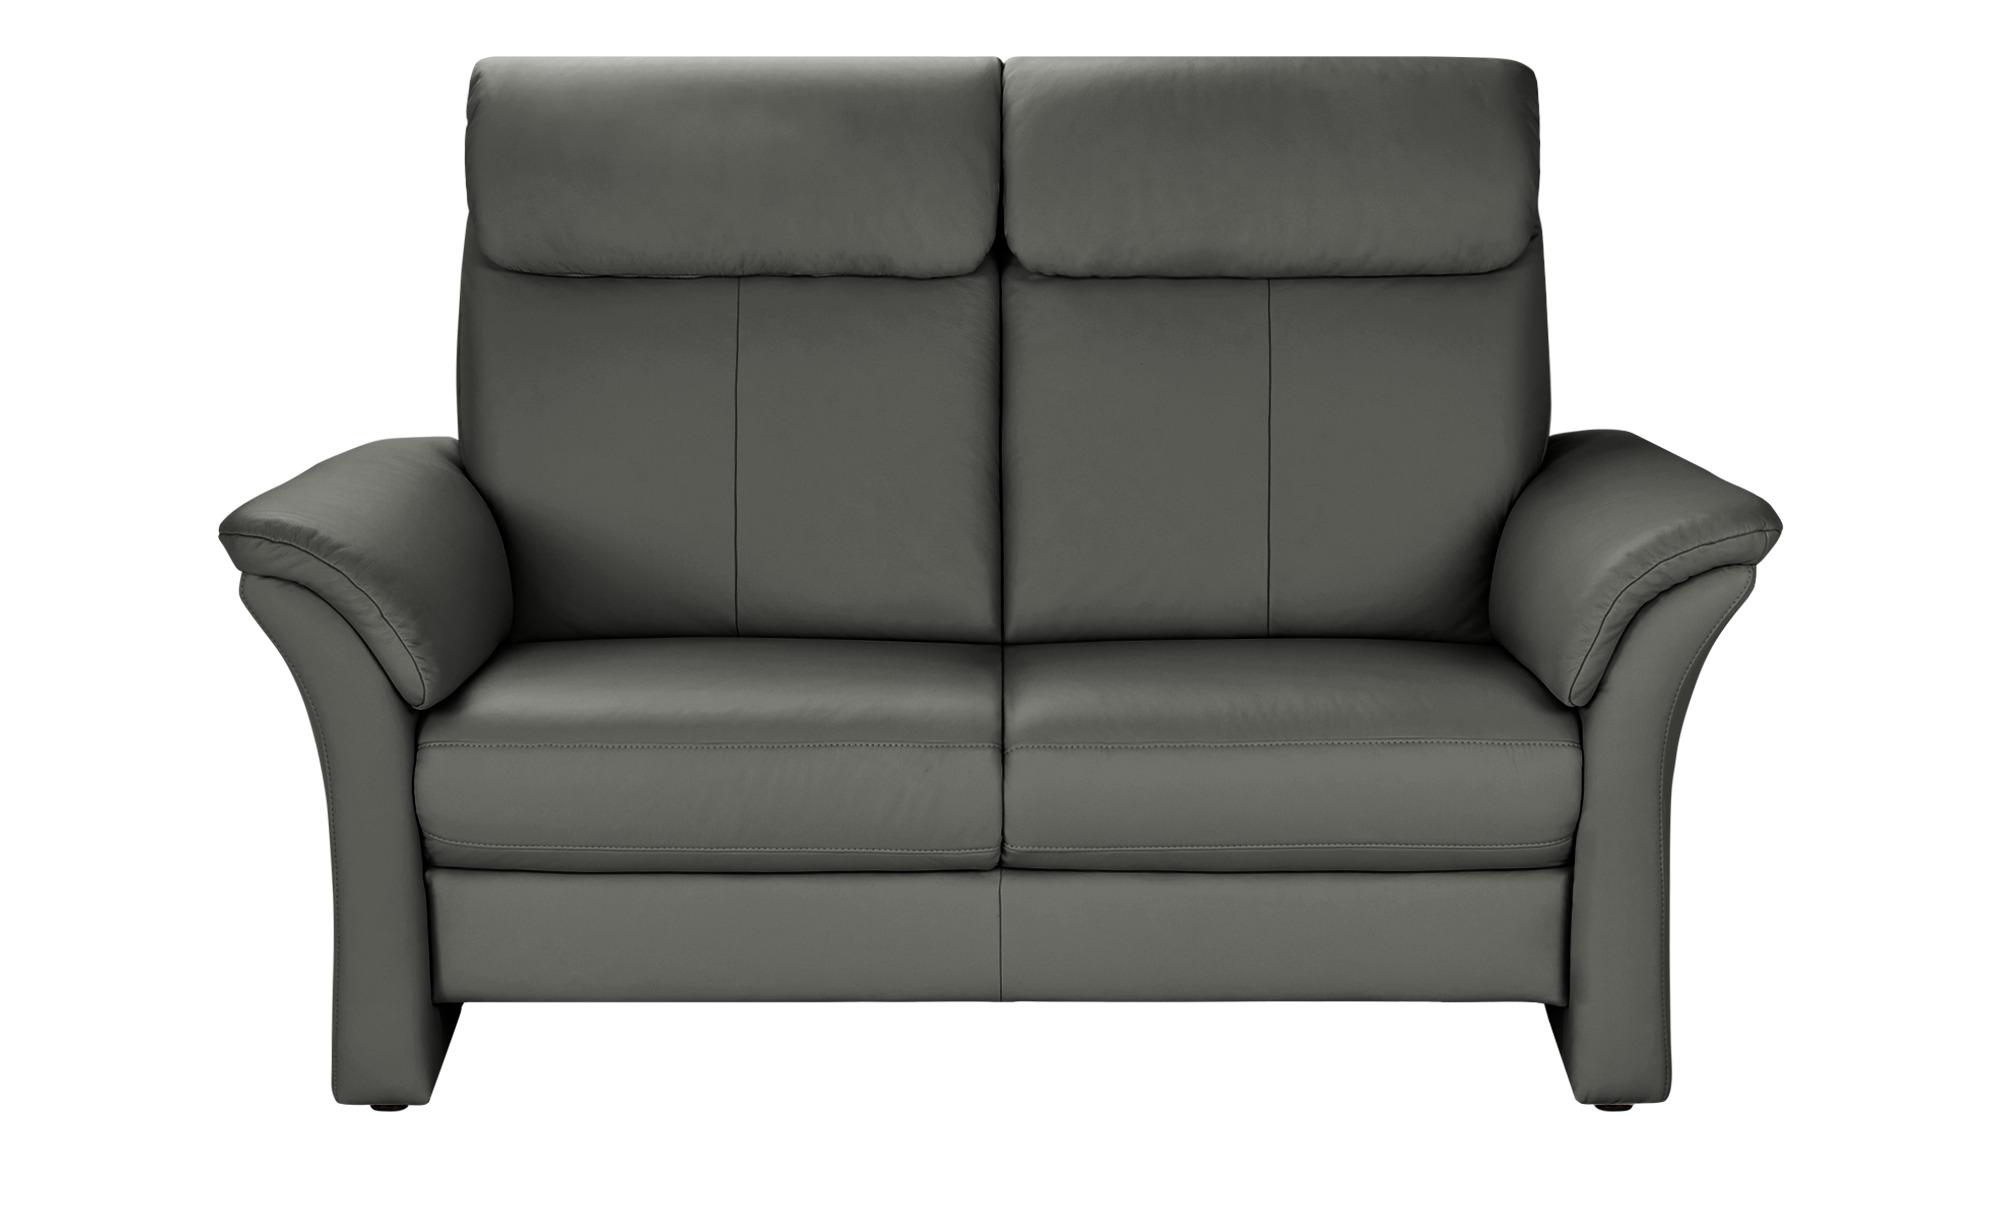 Wohnwert Sofa 2-Sitzer  Lena ¦ grau ¦ Maße (cm): B: 168 H: 107 T: 97 Polstermöbel > Sofas > 2-Sitzer - Höffner